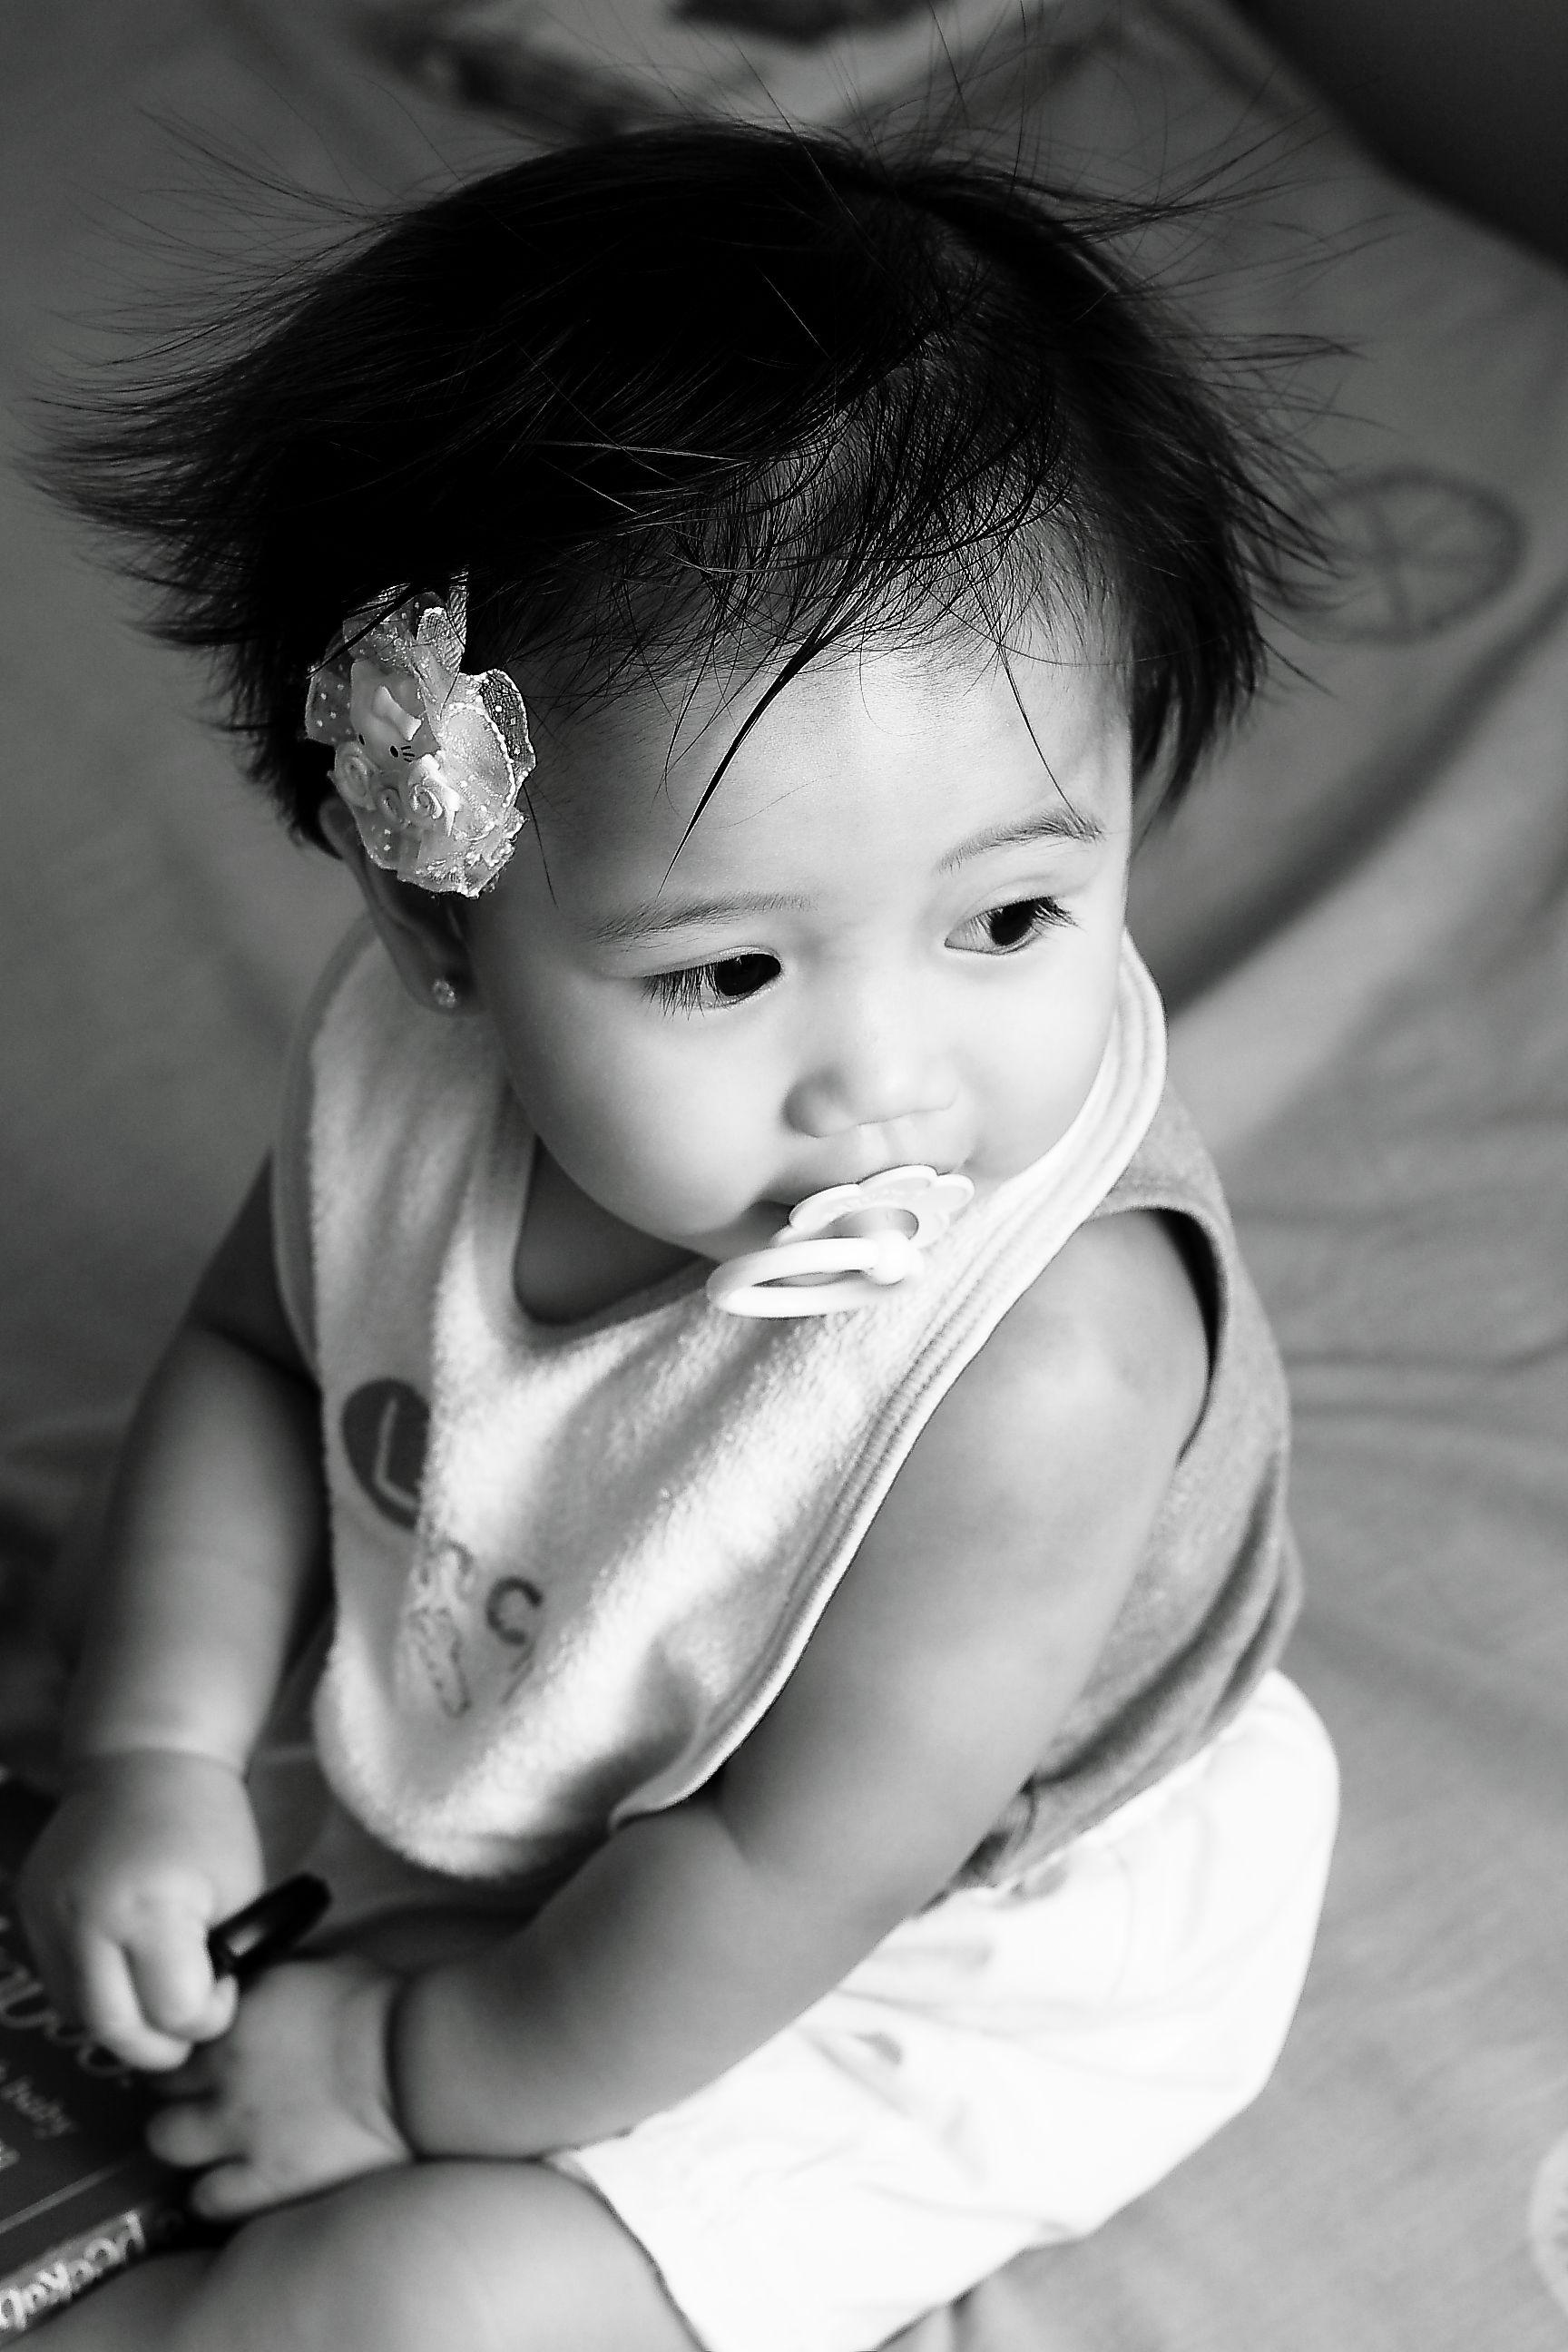 Ava@11 months.